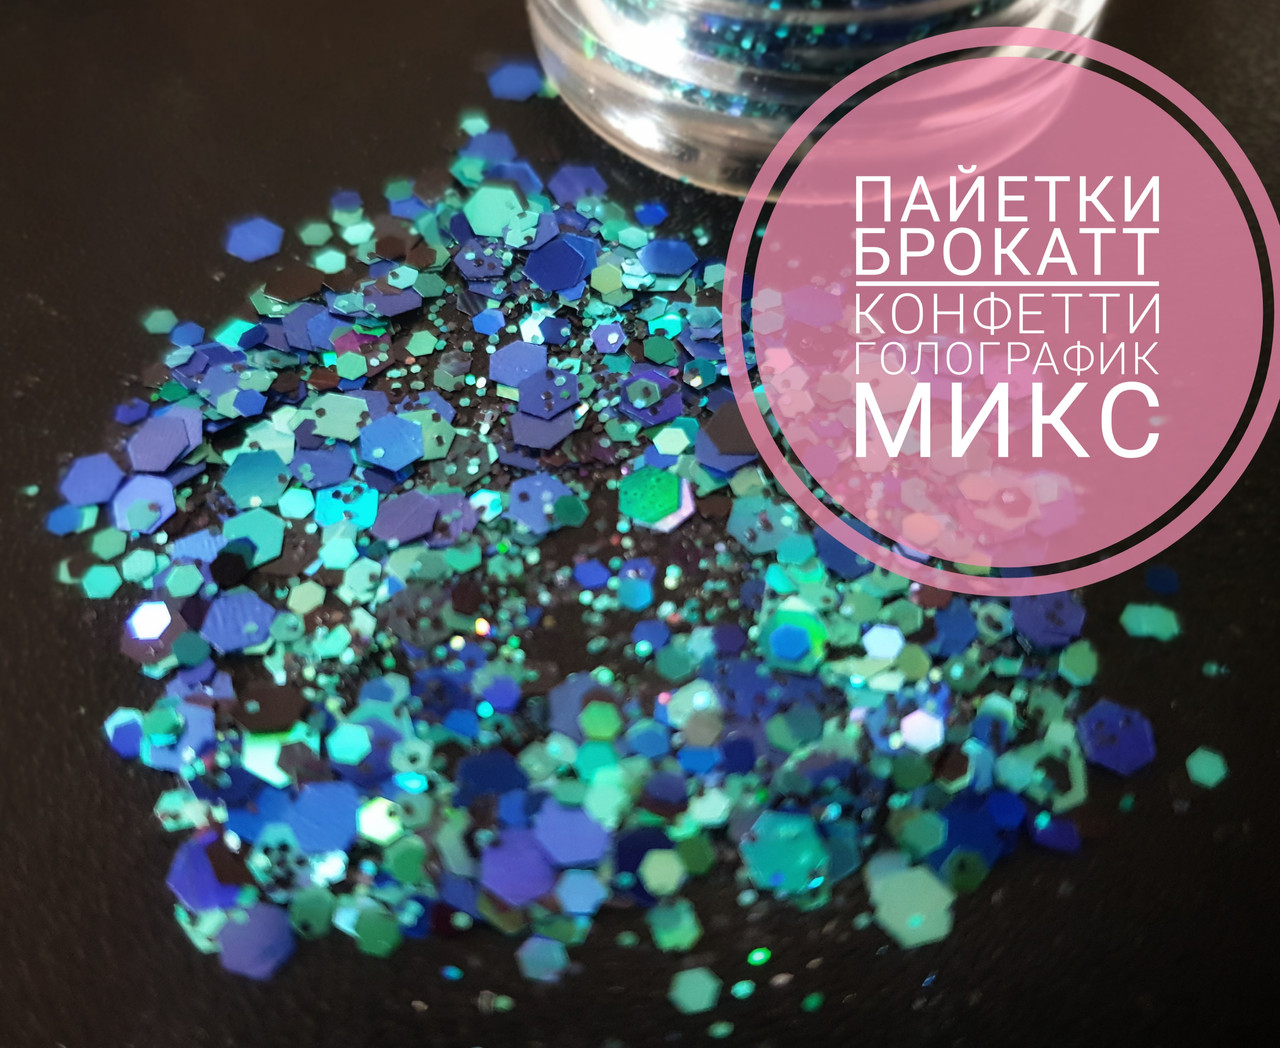 НОВИНКА:Пайетки конфетти голограмма микс для декора (черный, голубой, фиолетовый)